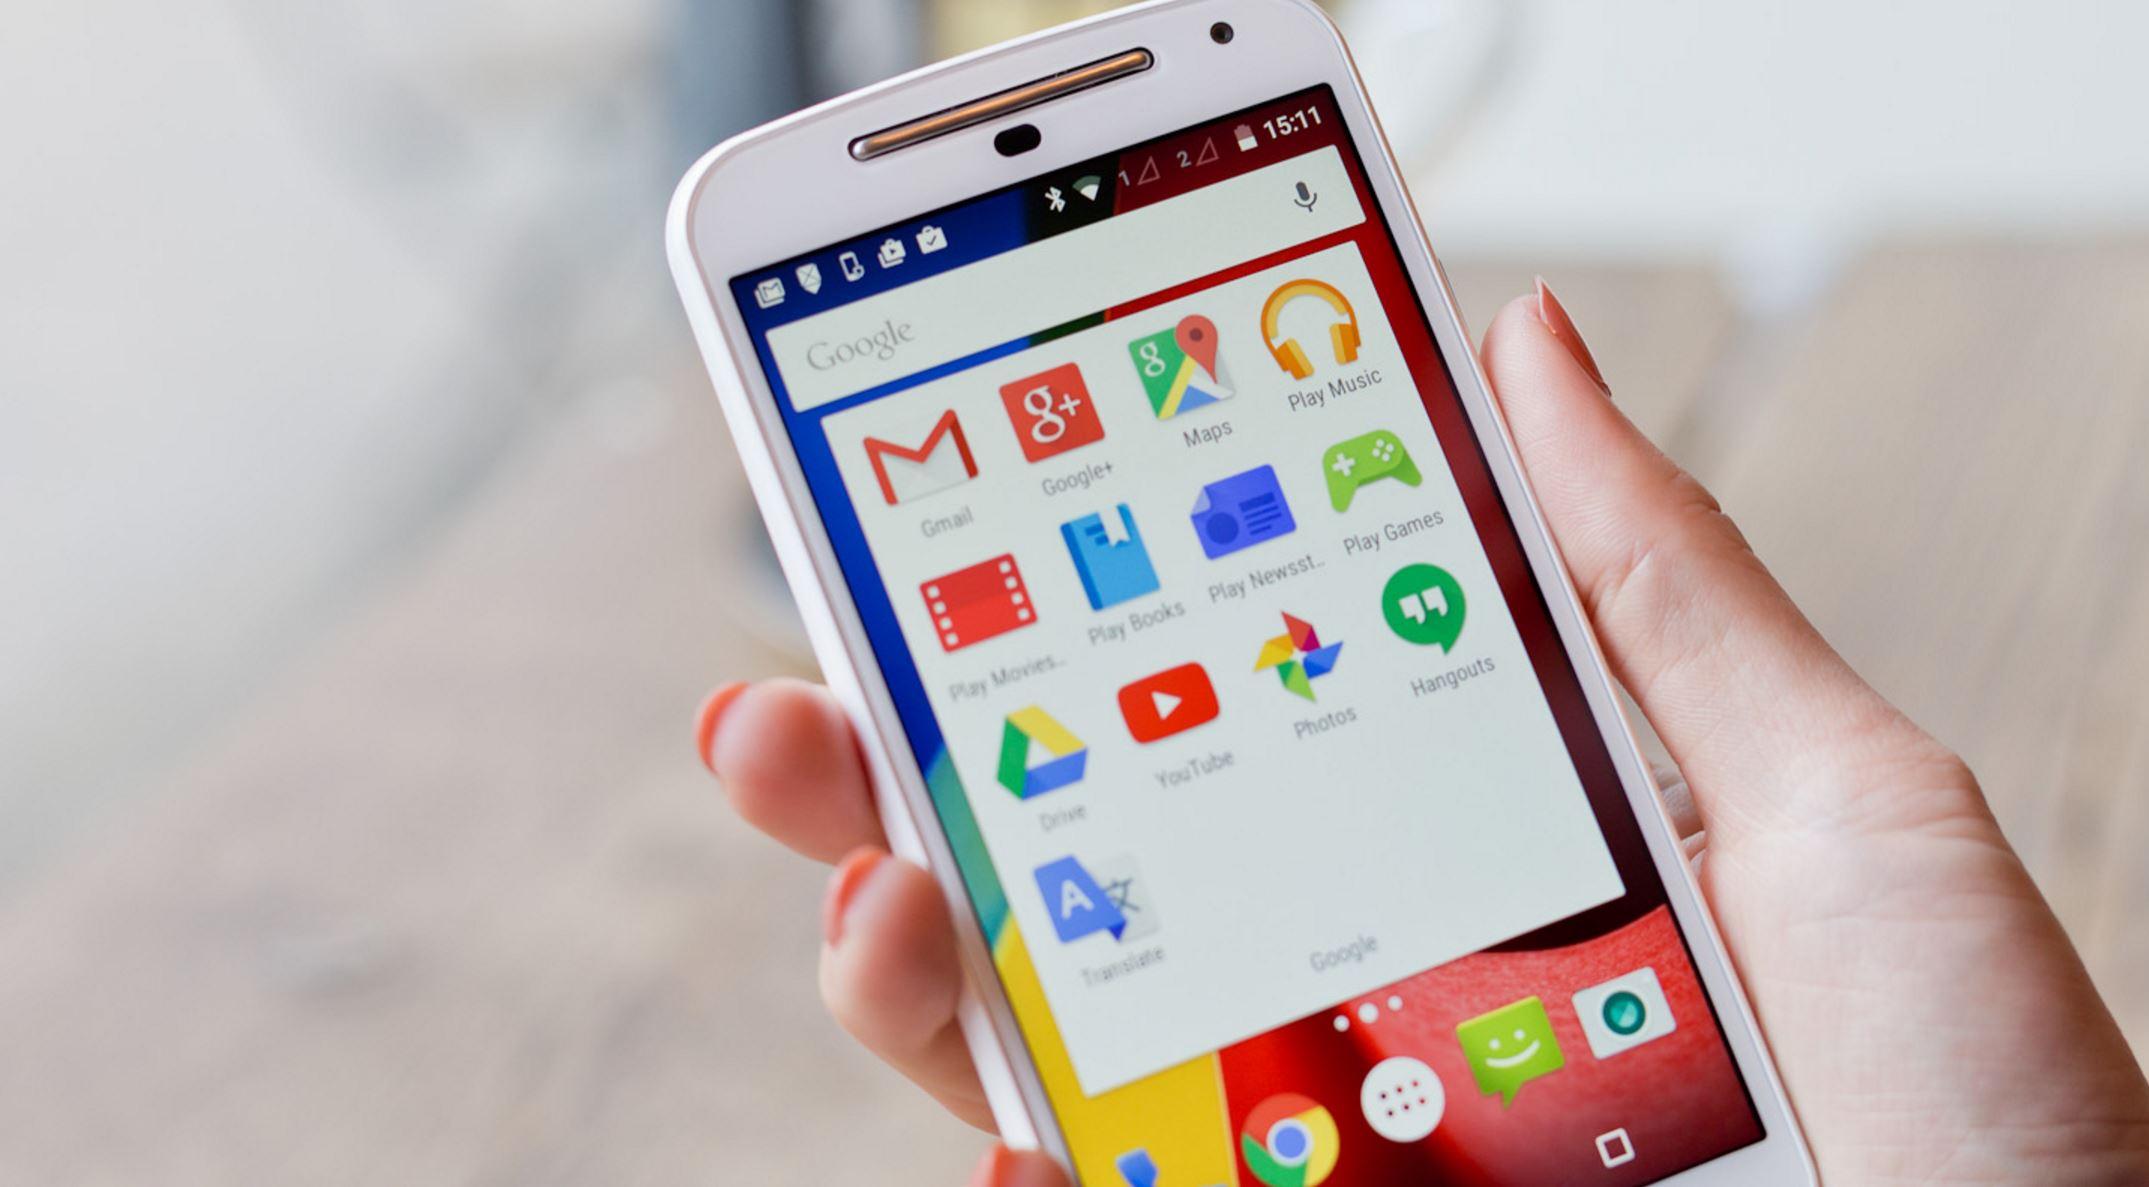 Los usuarios prefieren los dispositivos móviles al PC para acceder a Internet